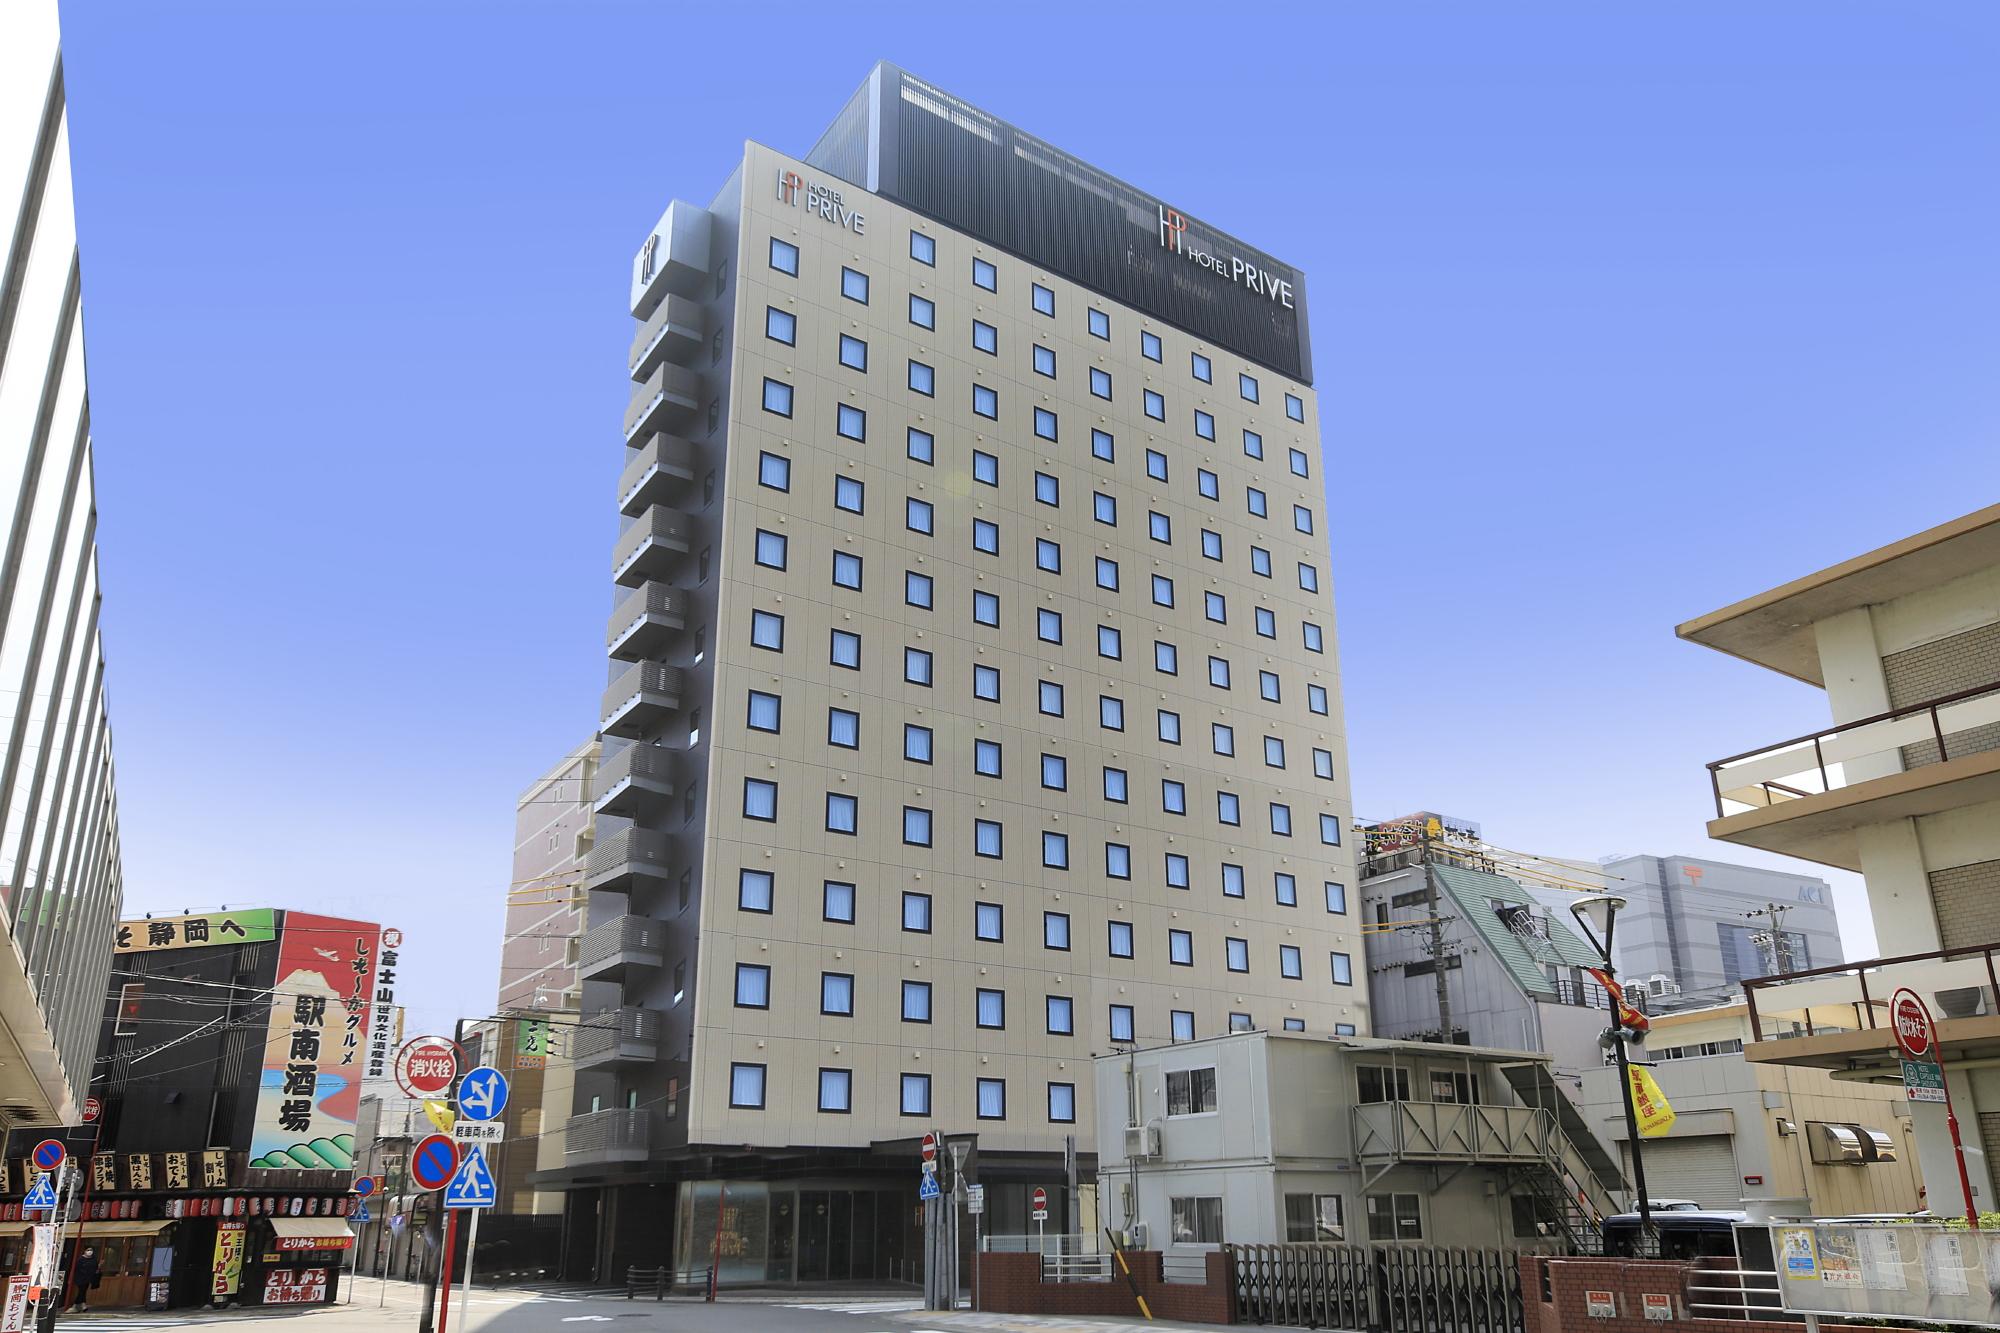 ホテルプリヴェ静岡ステーション